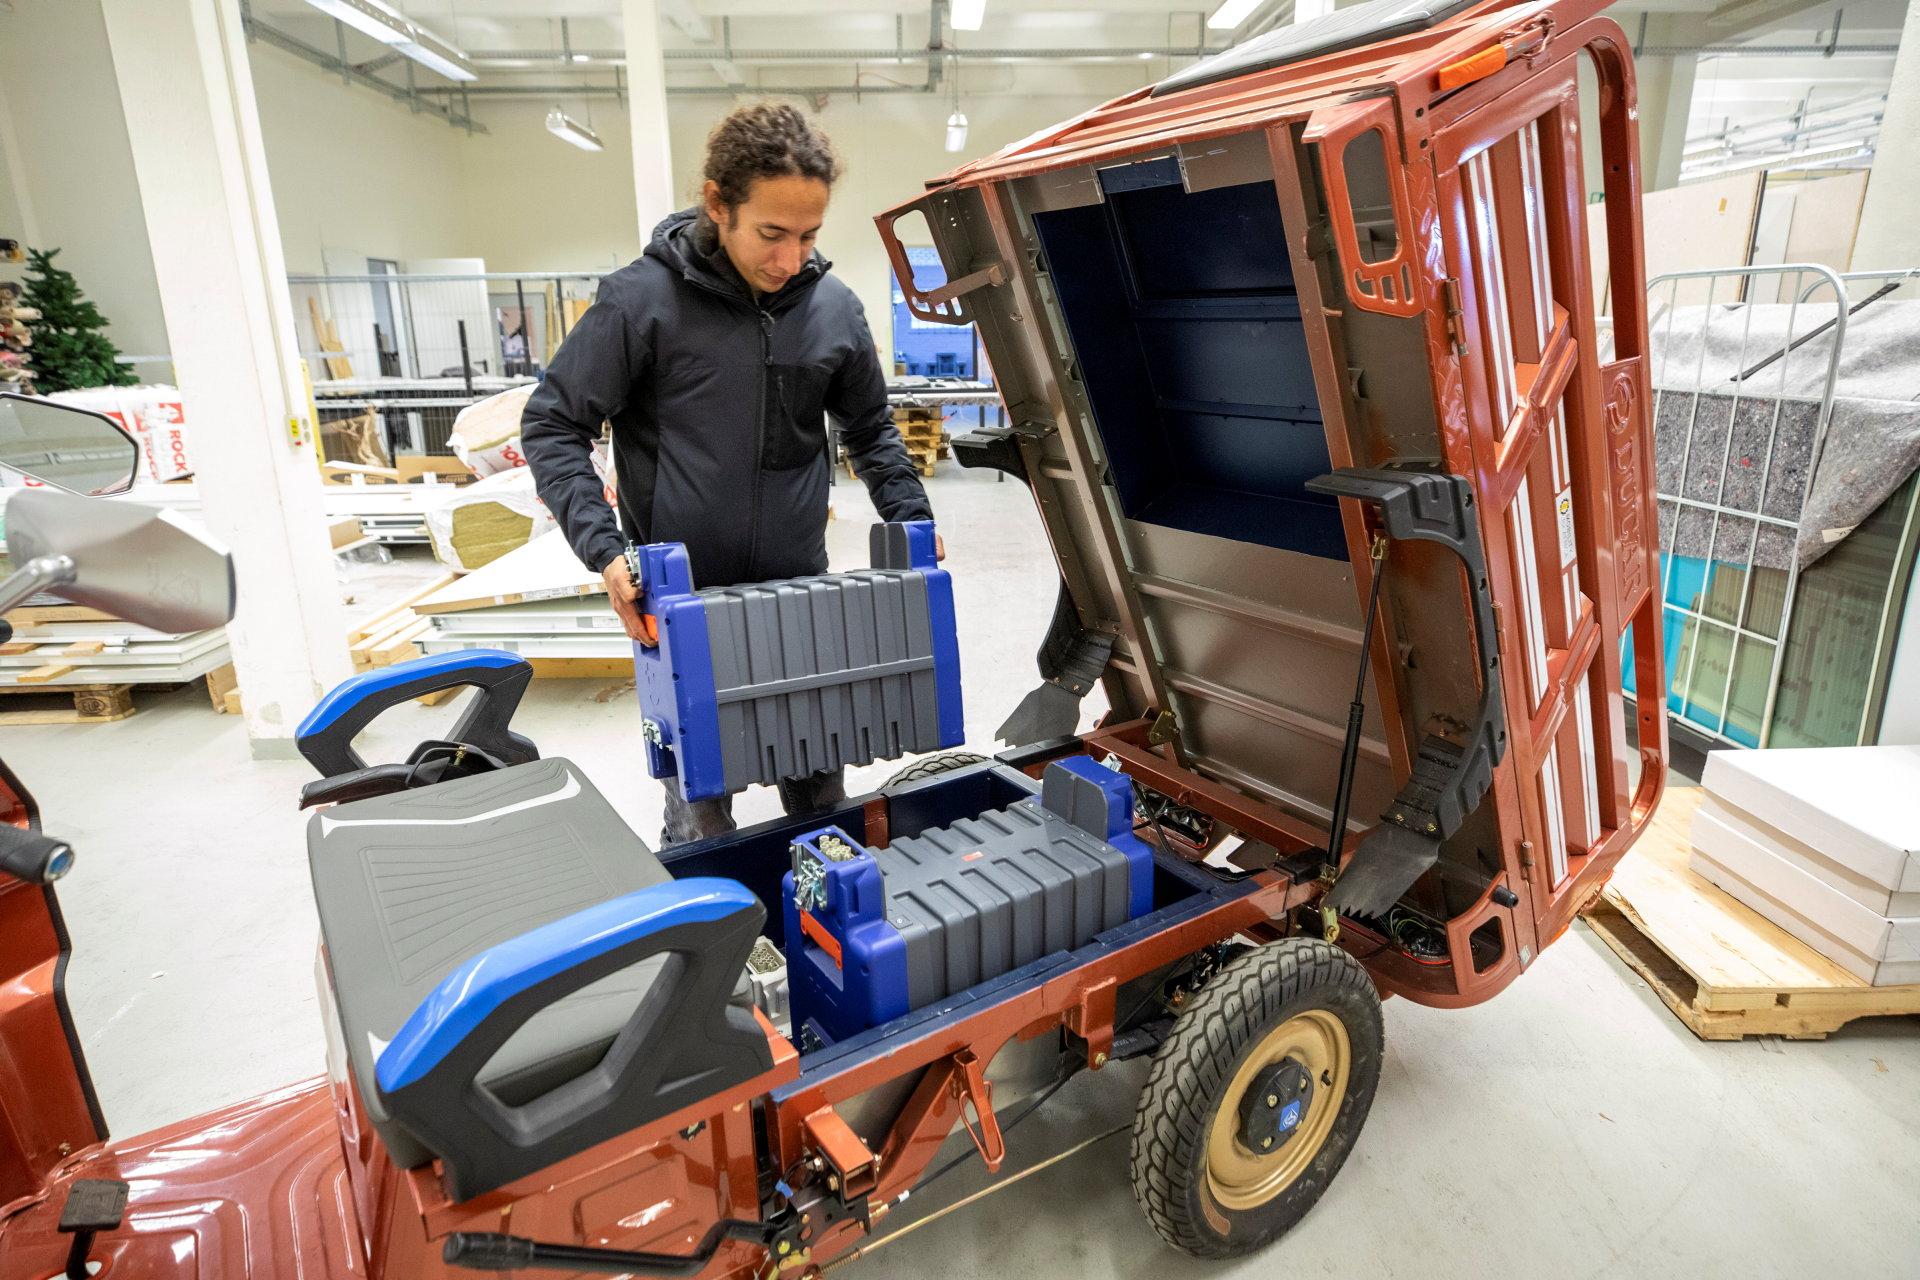 Mann hievt große Batterie aus Kleinfahrzeug